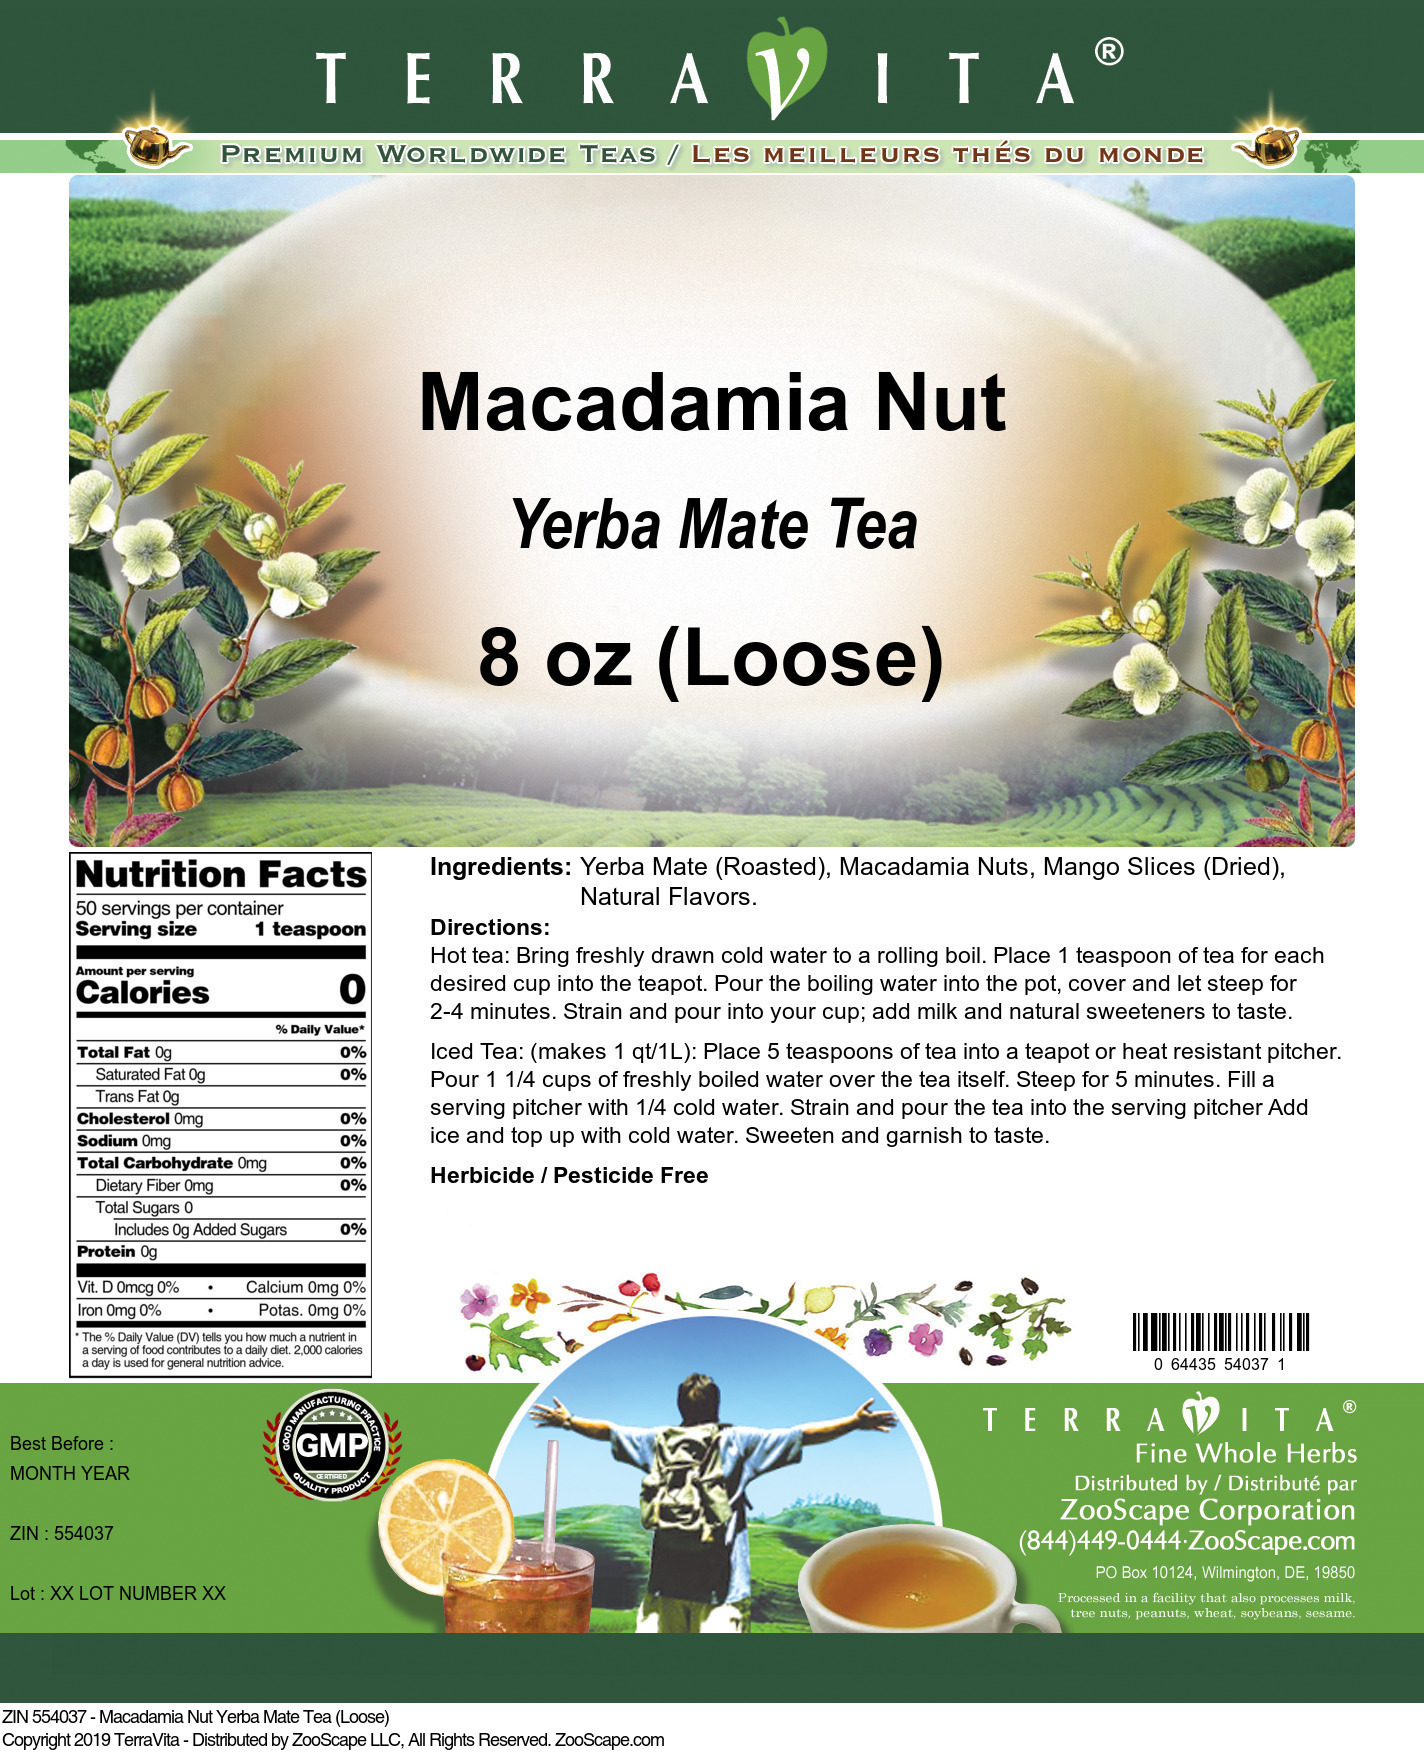 Macadamia Nut Yerba Mate Tea (Loose)